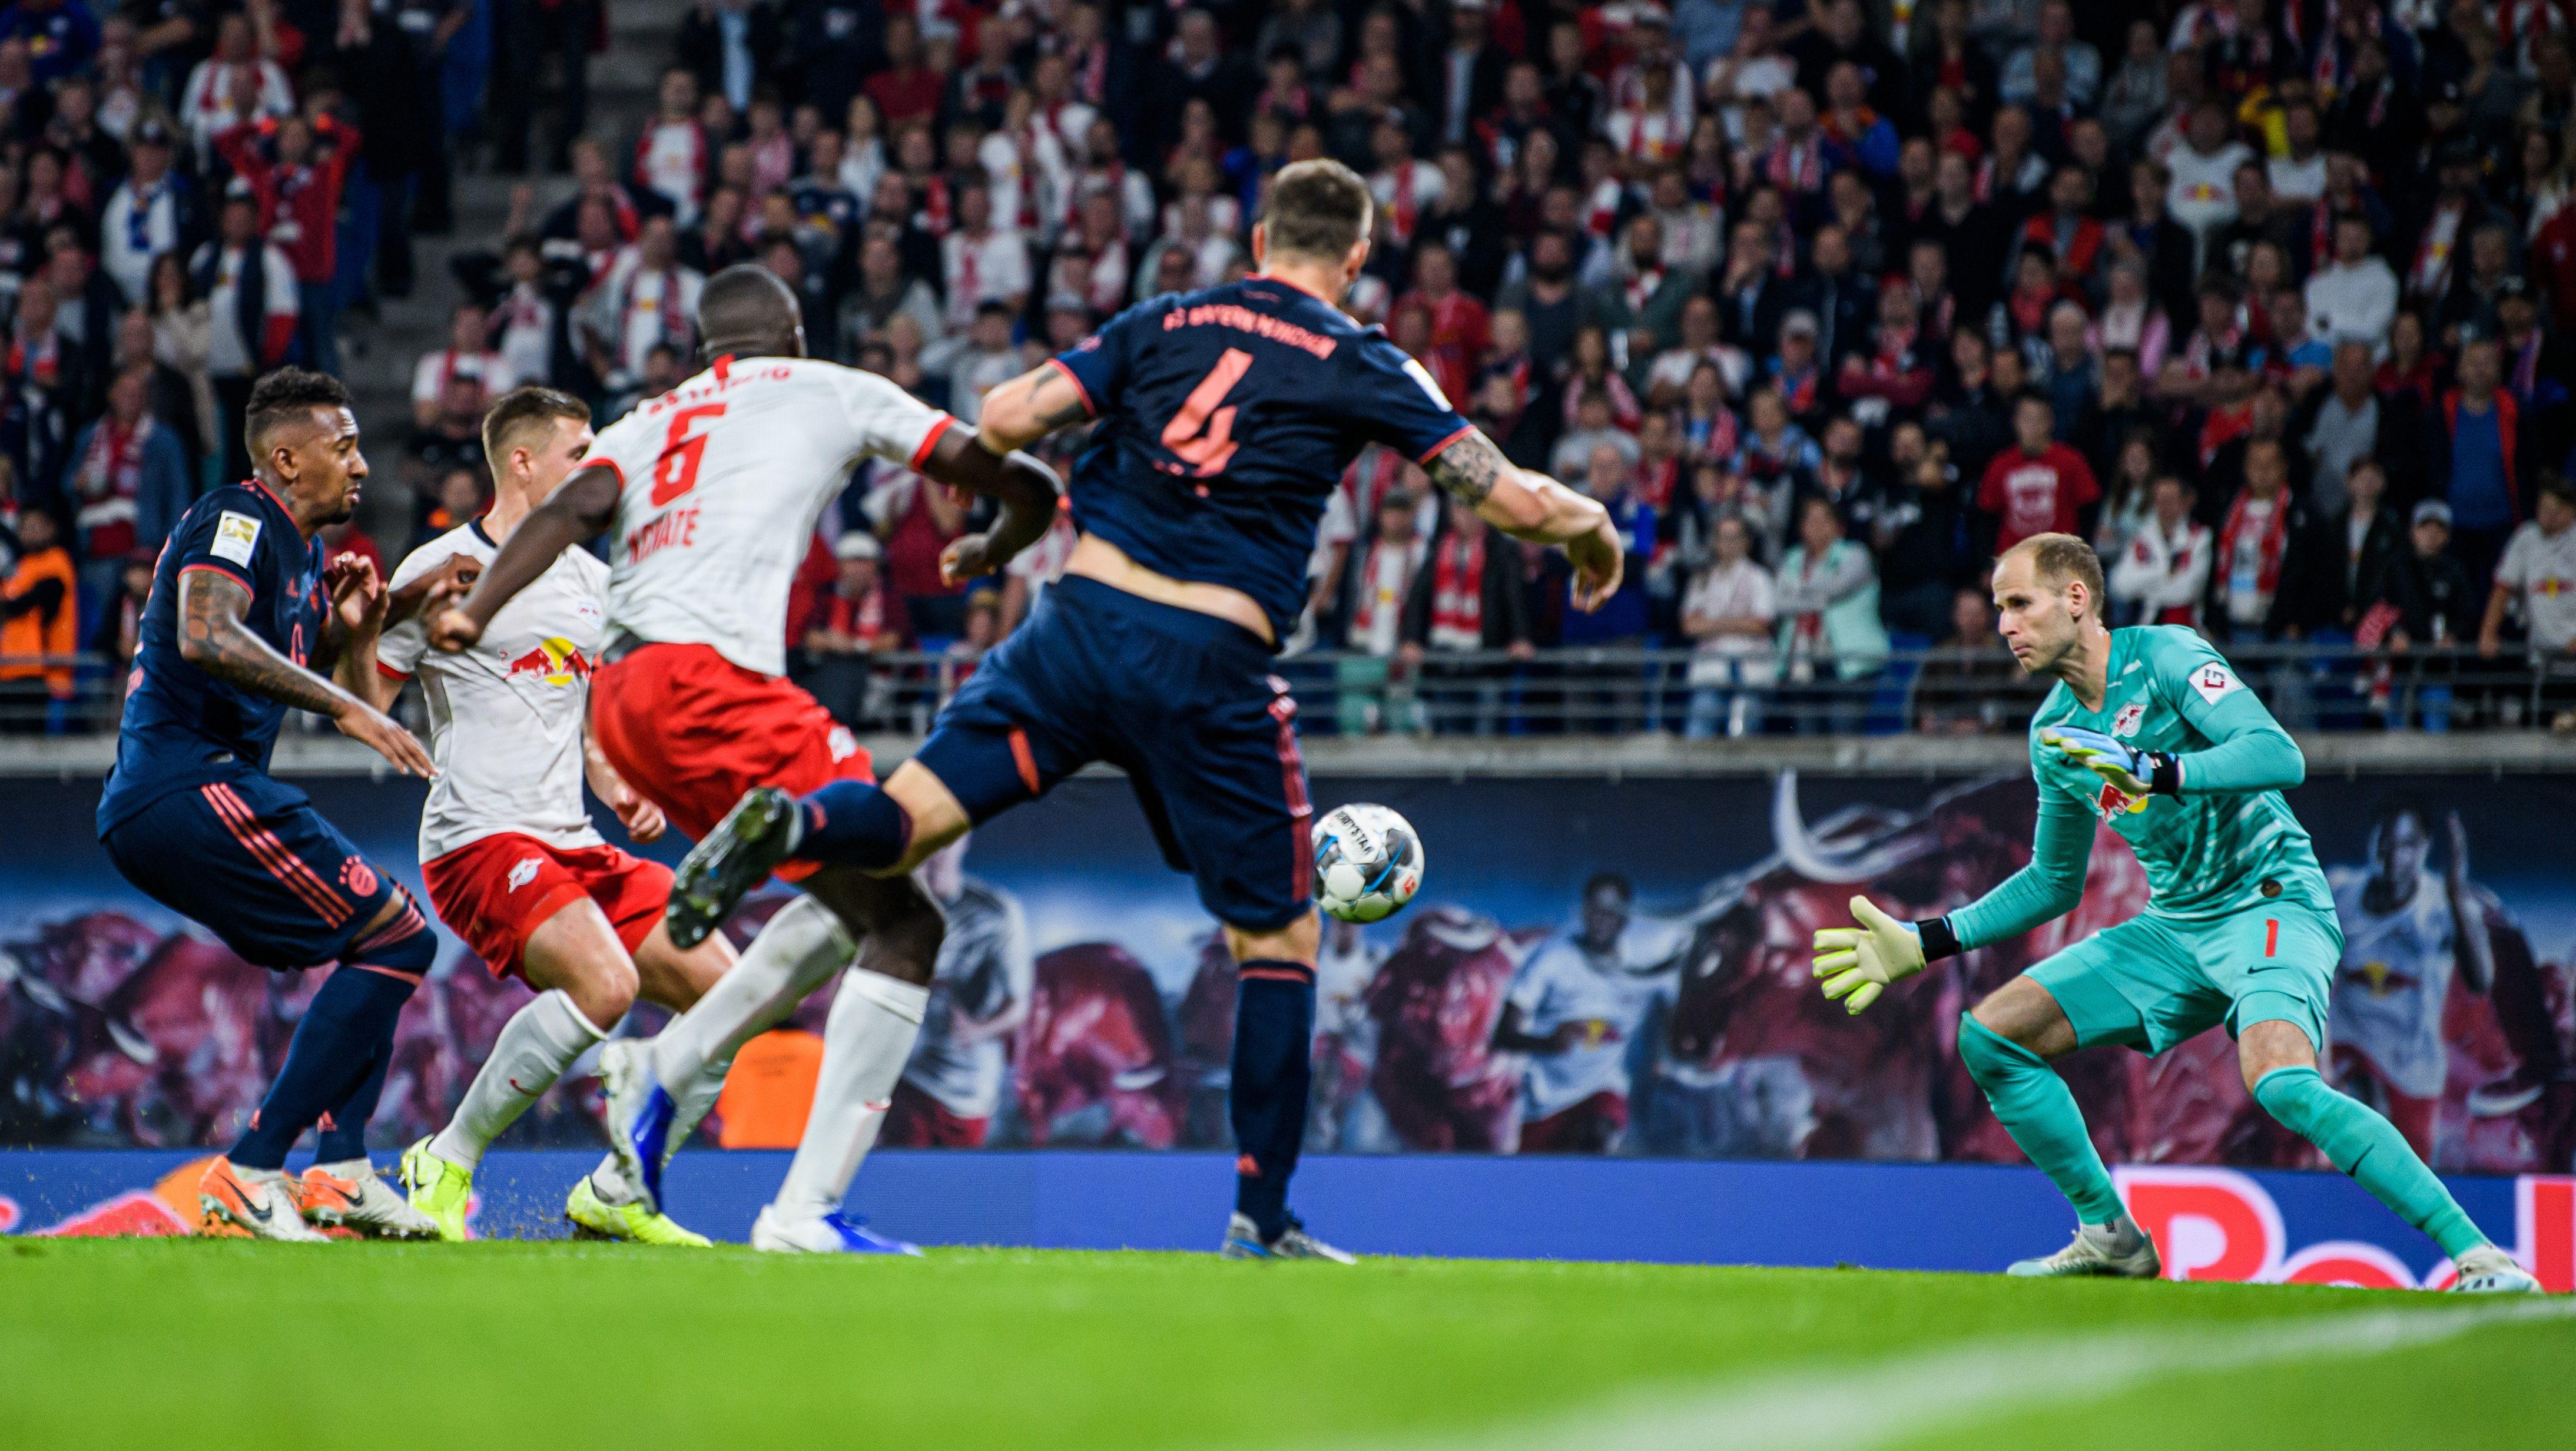 Alle Tore vom 4. Spieltag - die Video-Highlights